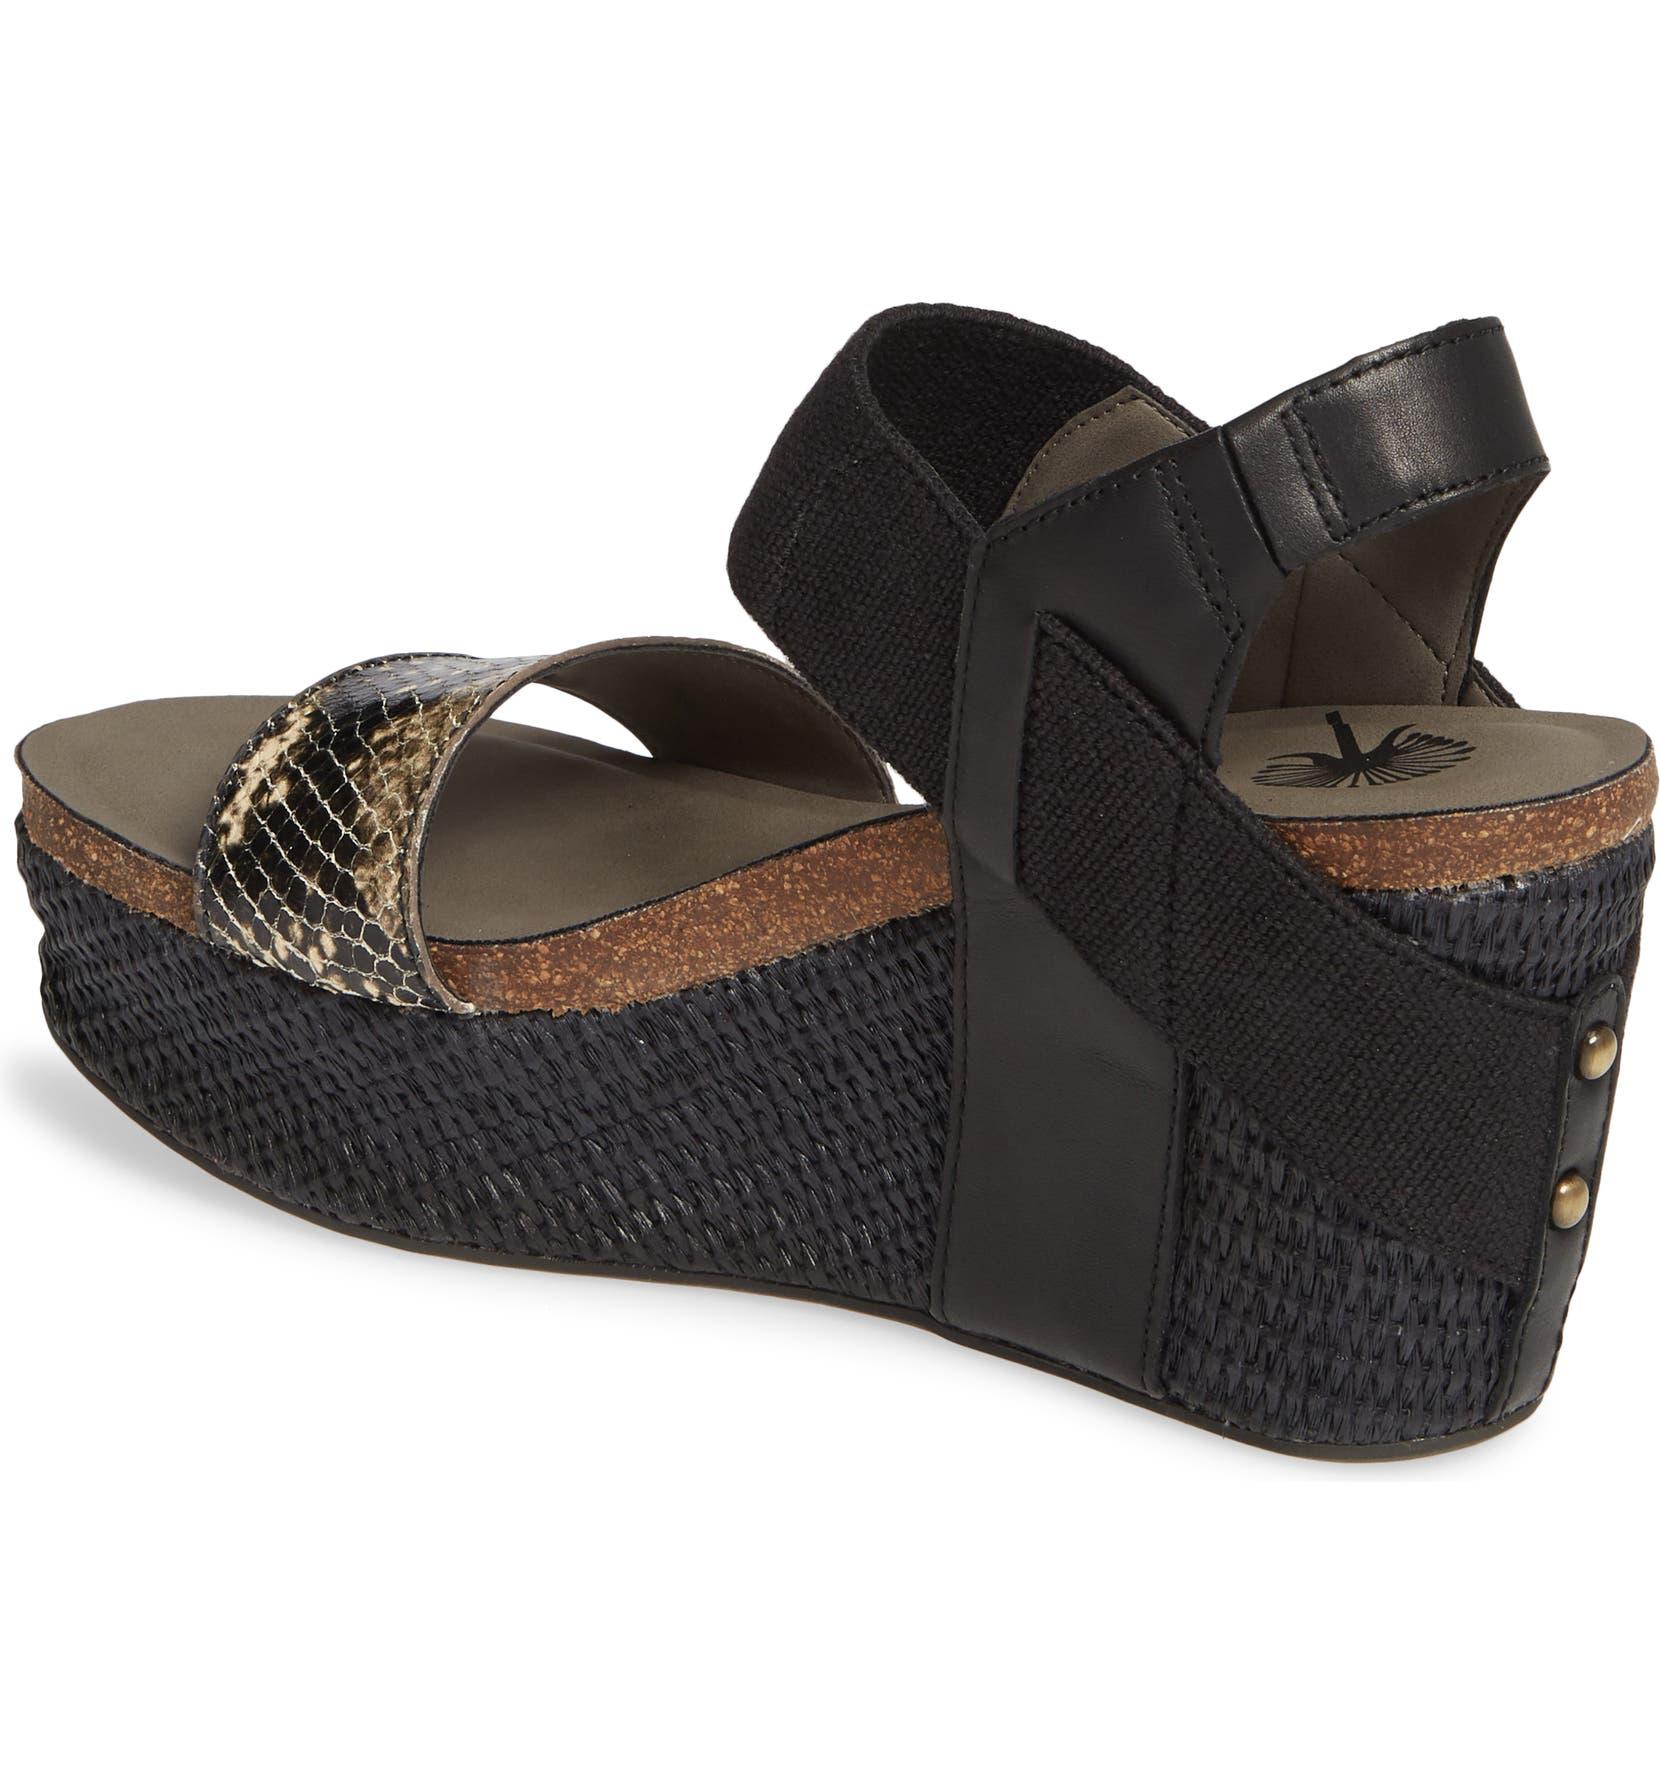 b297247e96b6 OTBT  Bushnell  Wedge Sandal